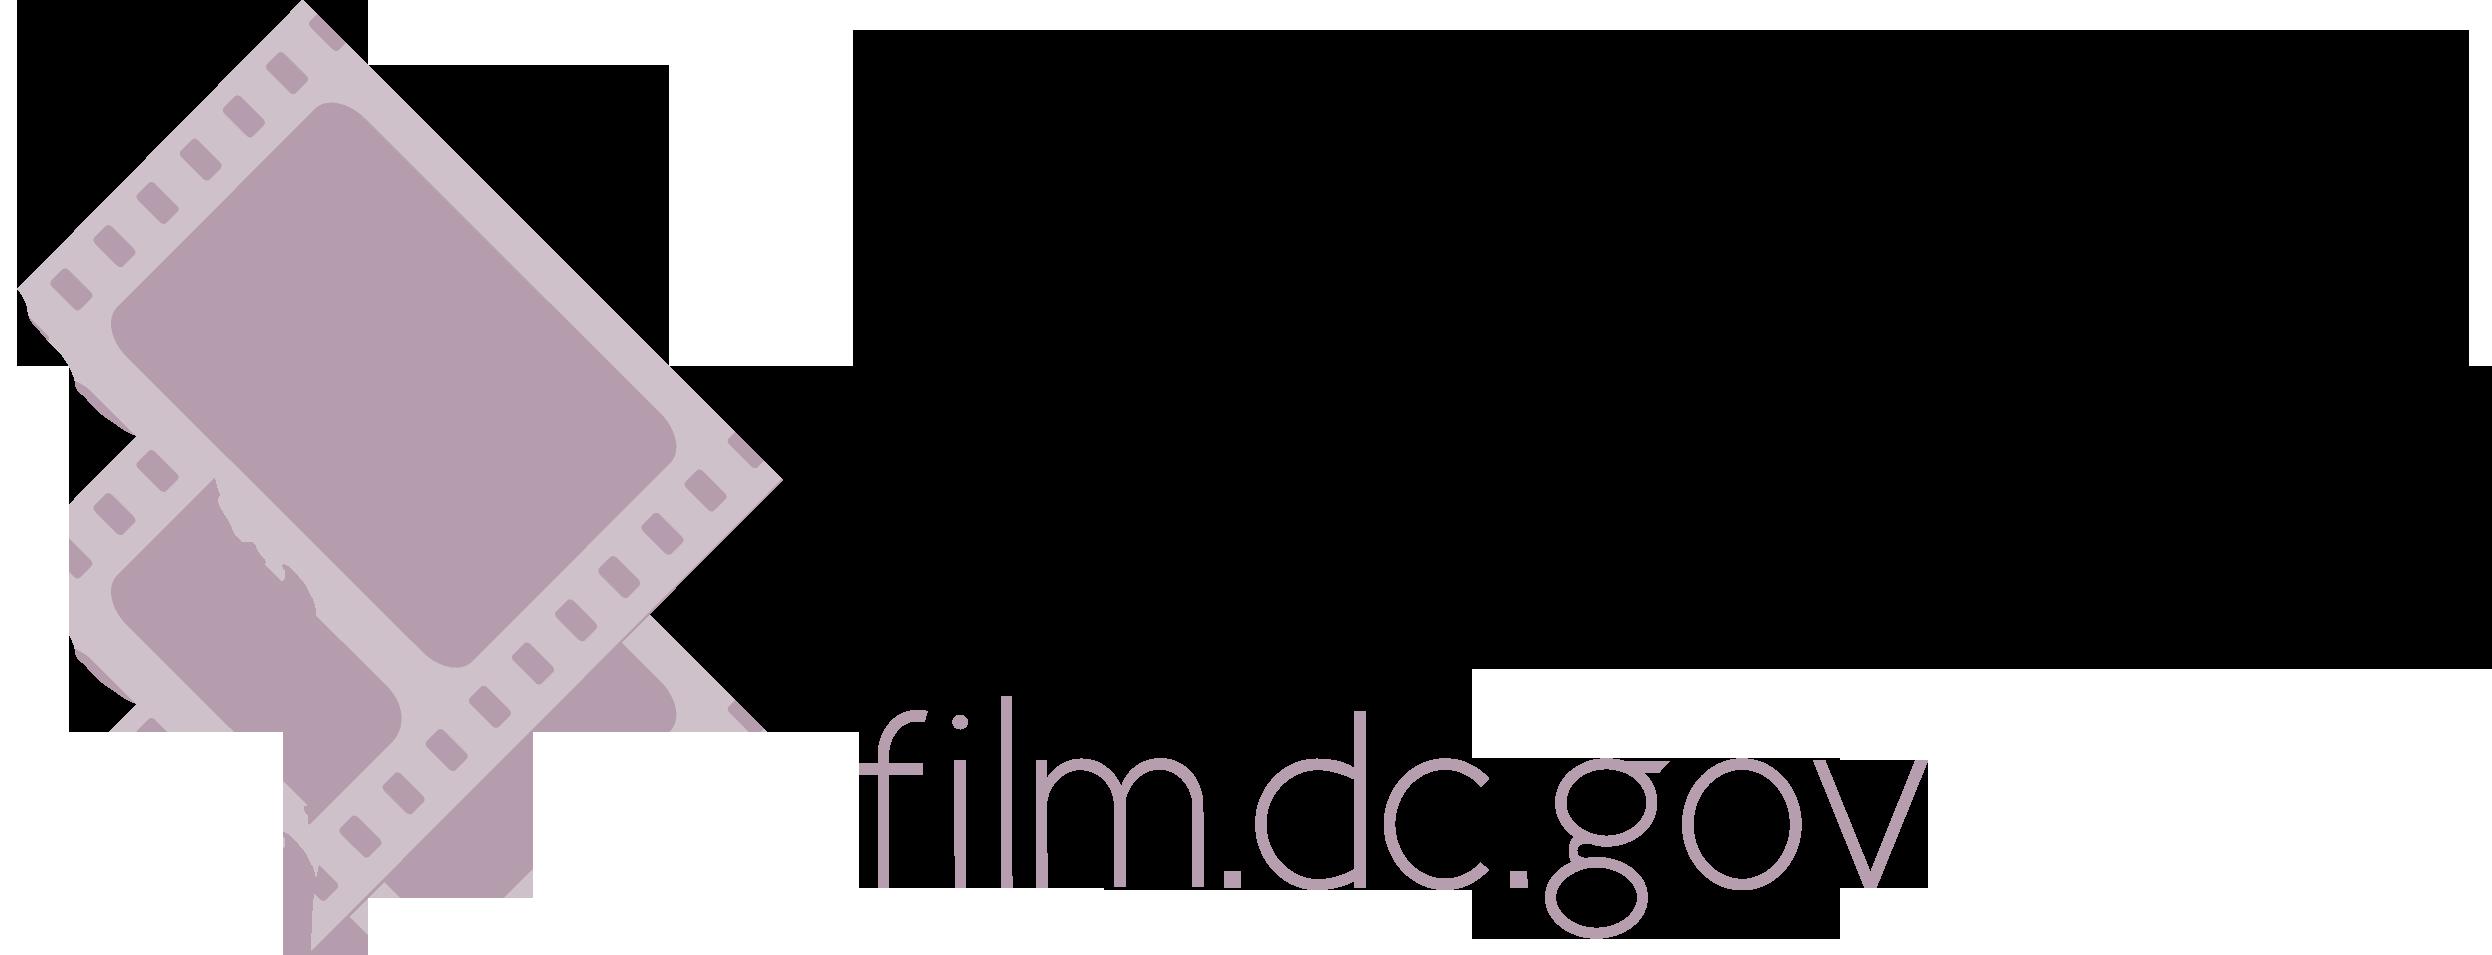 MPTD_logo_01